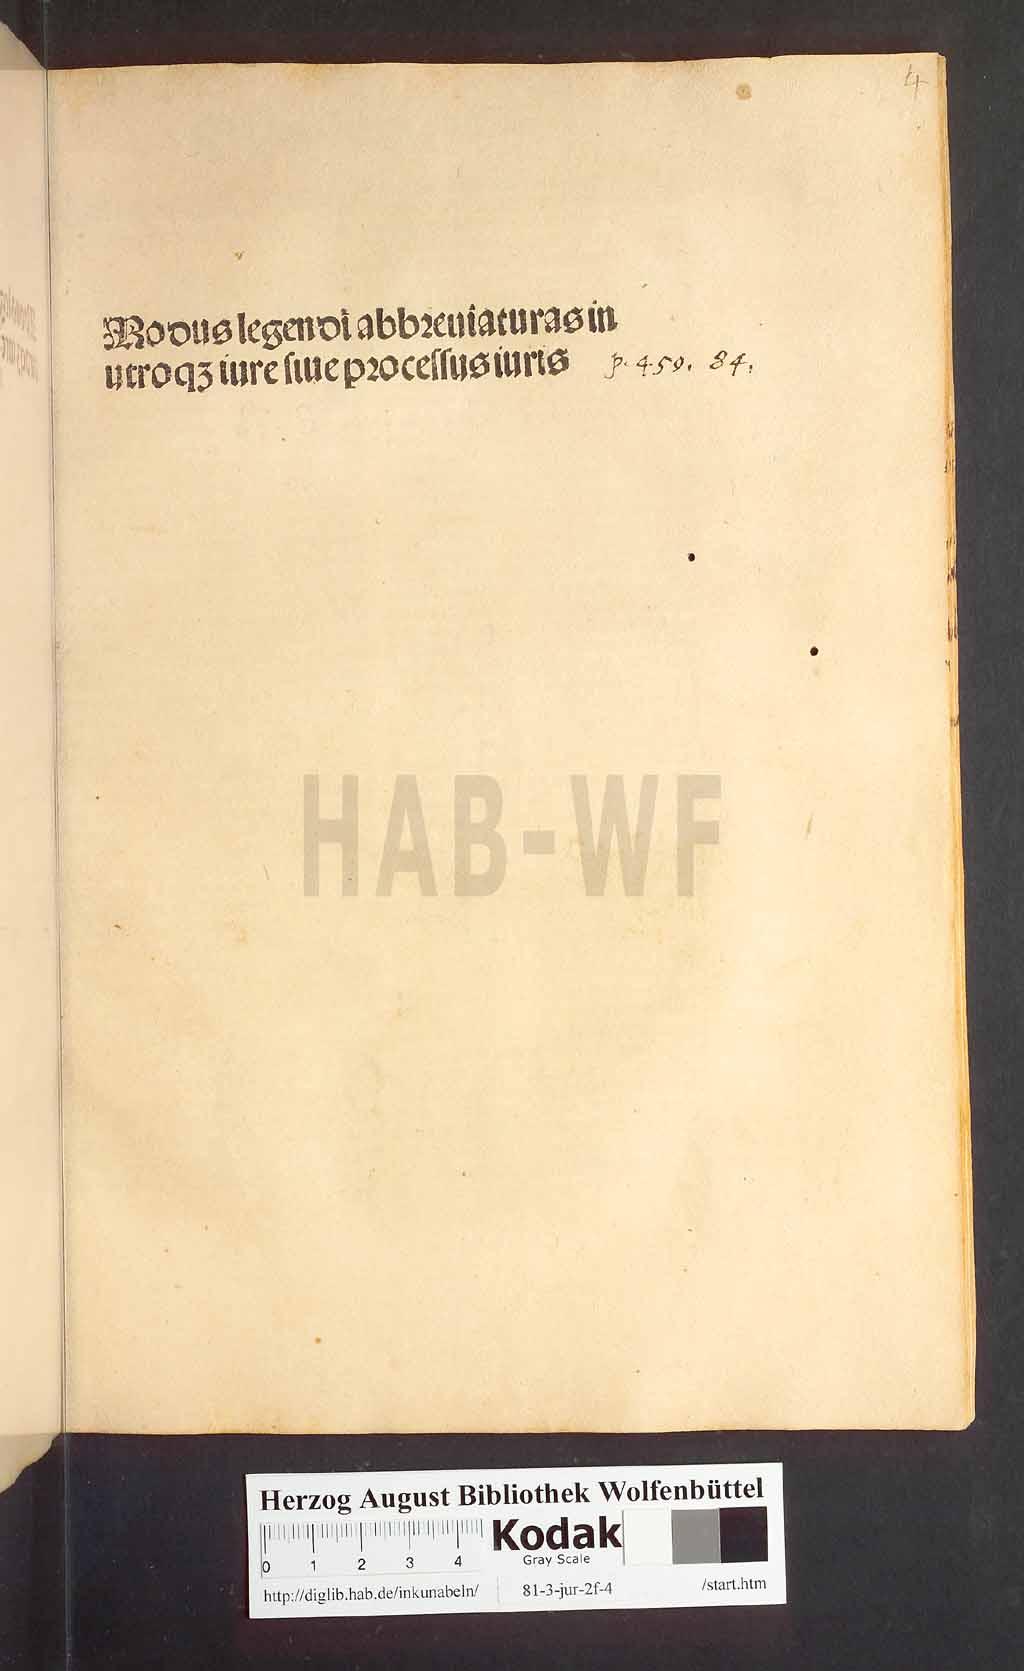 https://diglib.hab.de/inkunabeln/81-3-jur-2f-4/00001.jpg